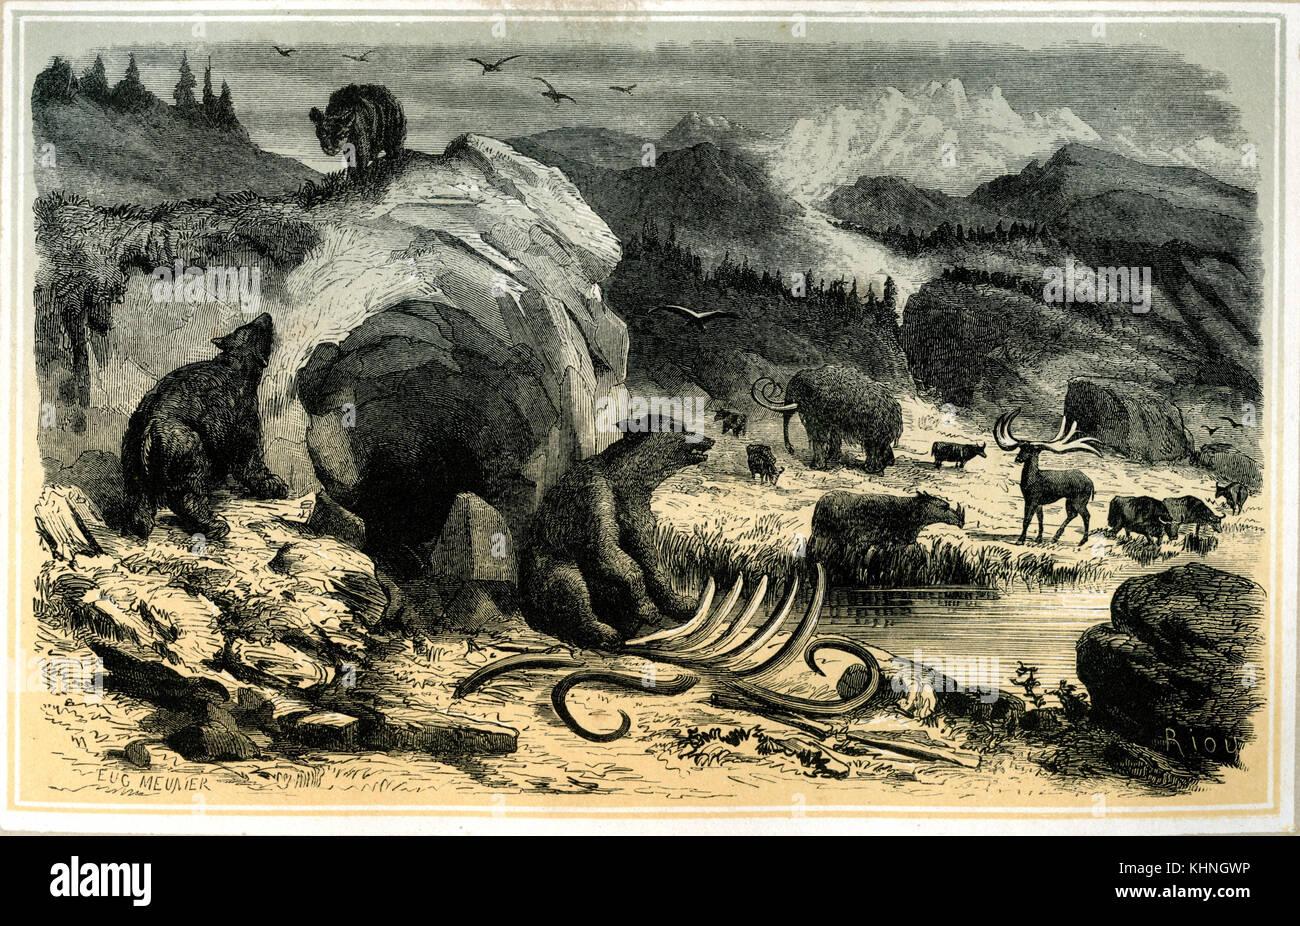 Landscape with mammoths (Landschaft der Mammutzeit) - Stock Image